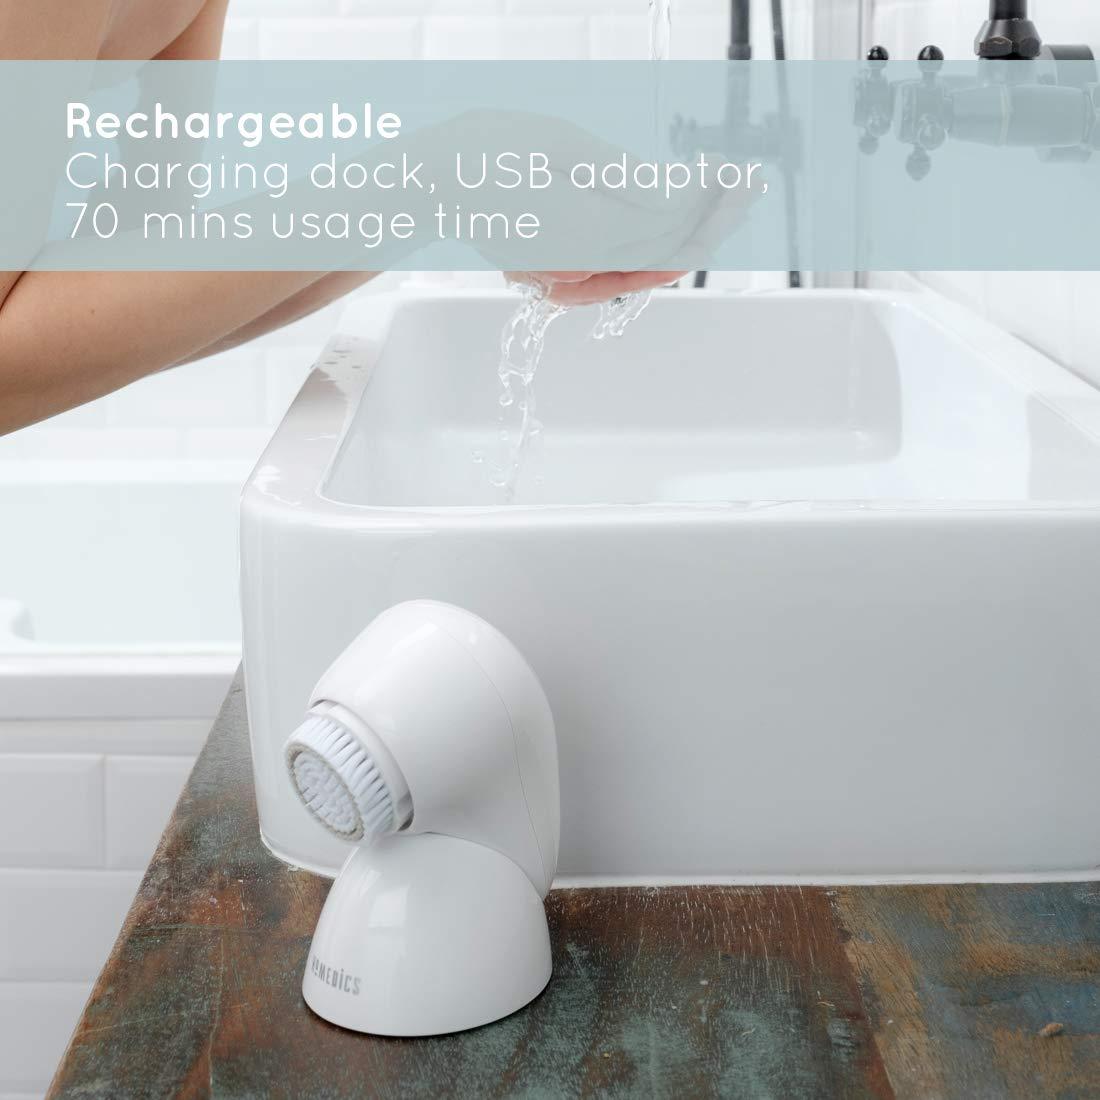 Máy rửa mặt cao cấp USA công nghệ siêu âm 3D chuyên nghiệp HoMedics FAC-600-EU, sạc không dây, đầu đẩy dưỡng chất silicone nhập khẩu USA